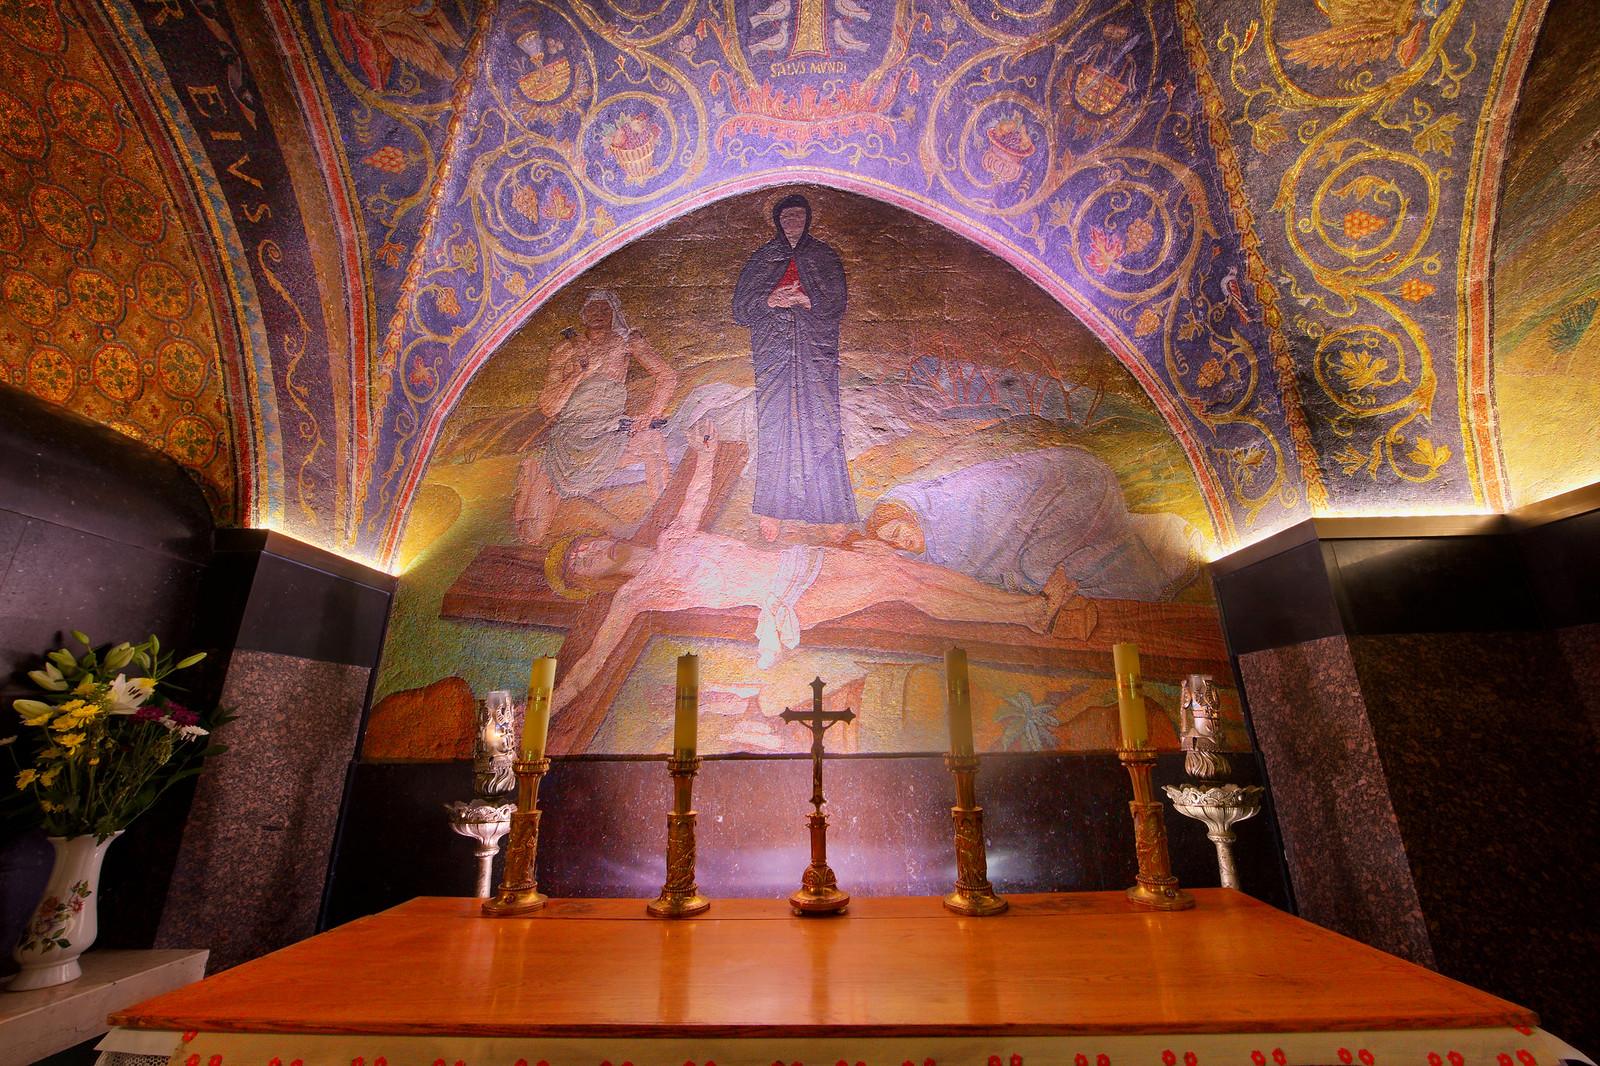 Jerusalem_Via Dolorosa_Station 11_The Holy Sepulcher_Noam Chen_IMOT